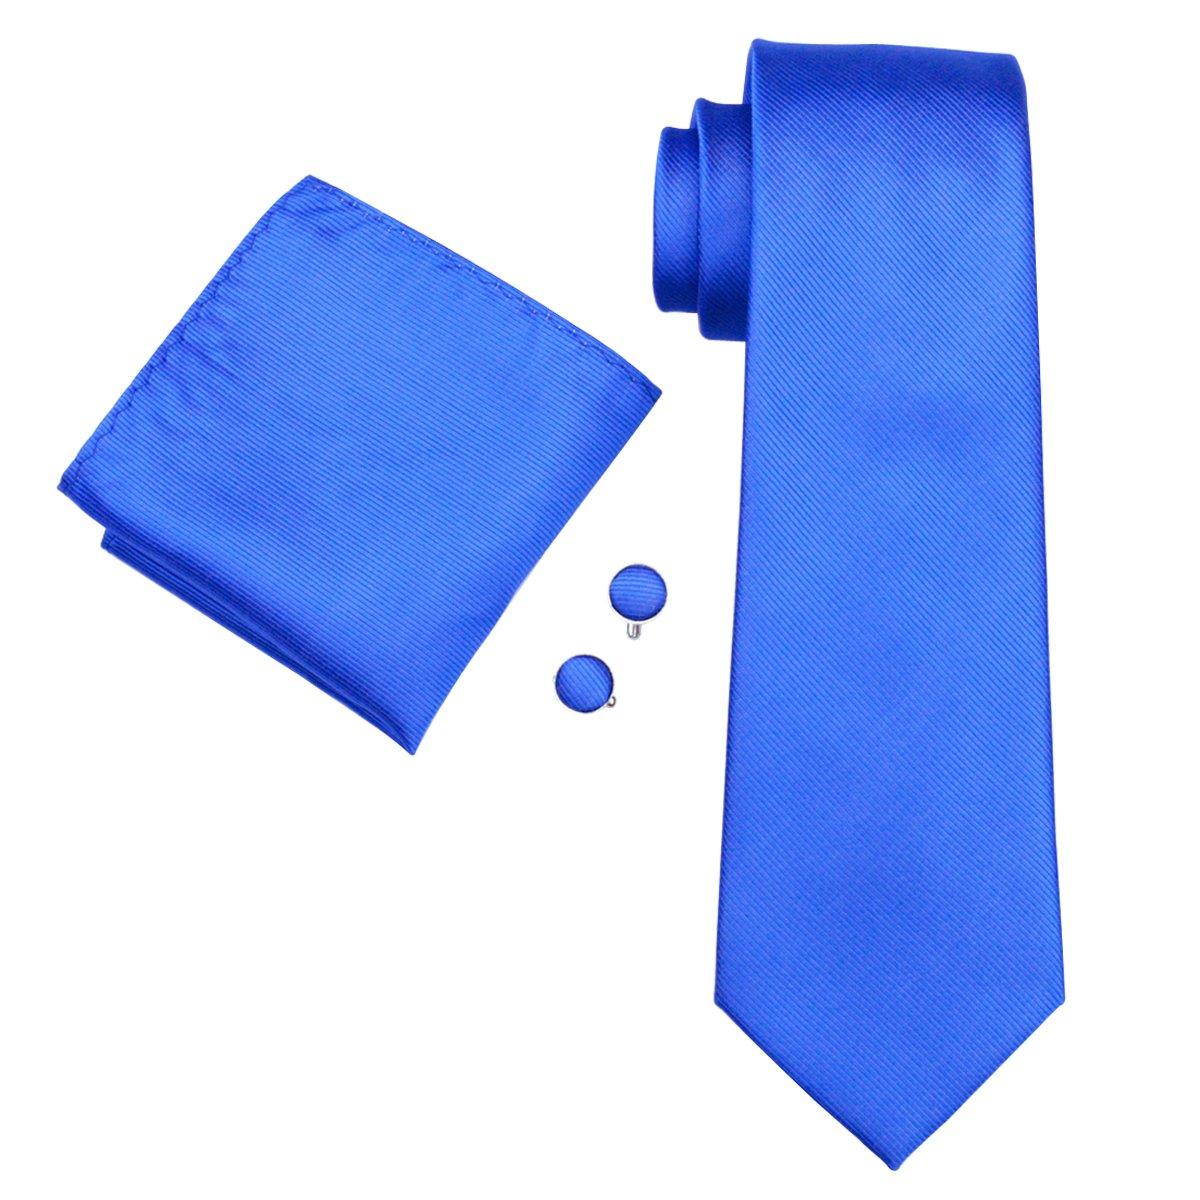 Barry.Wang Mens Ties Classic Stripe Tie Set for Men Silk Woven Hanky Cufflinks FBASN--1489